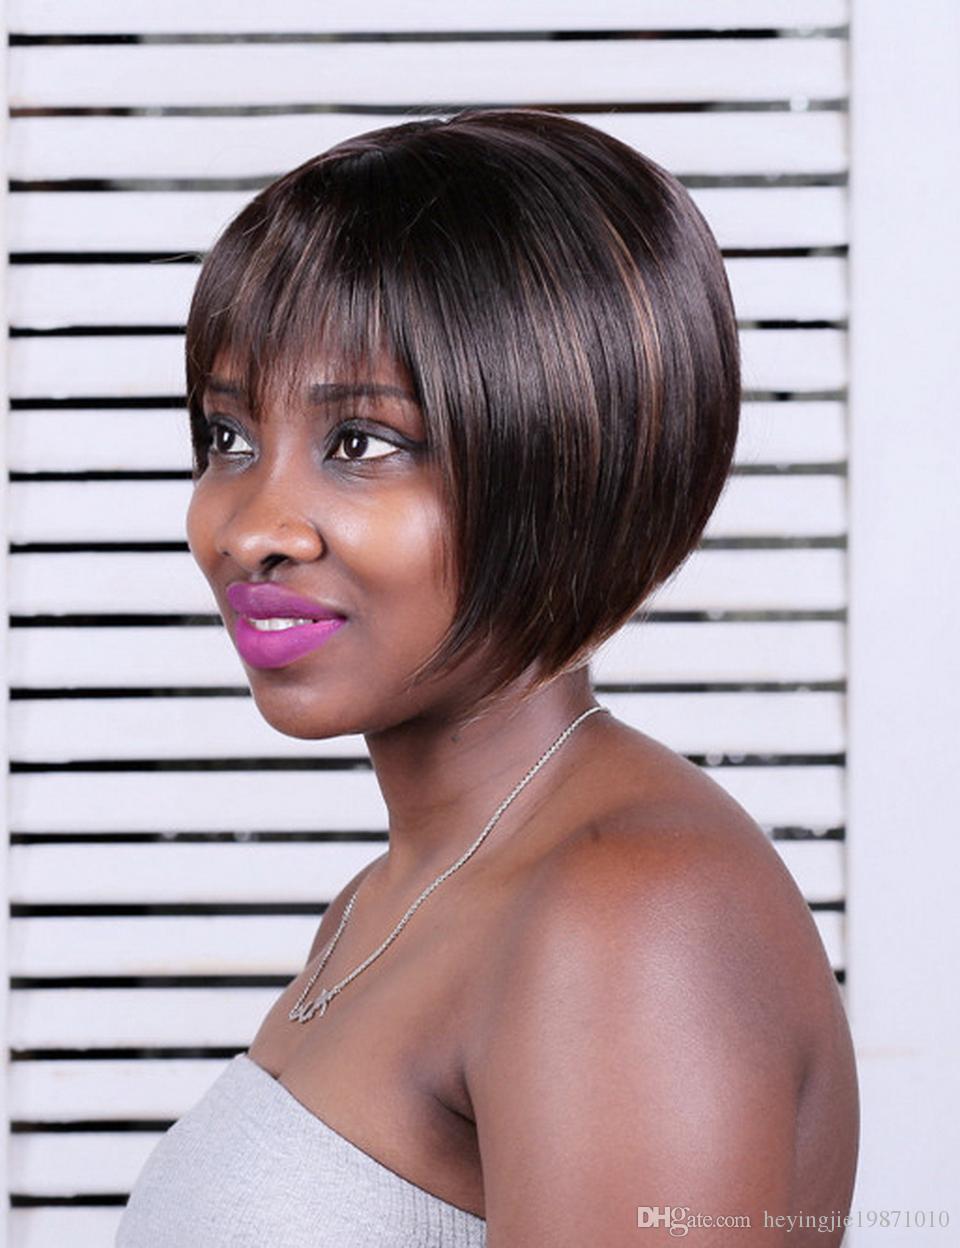 شيوى تشى مى يبرز الاصطناعية حلاقة الشعر القصير البني مع الانفجارات مستقيم الطبيعية بوب الباروكات للنساء السود حرية الملاحة